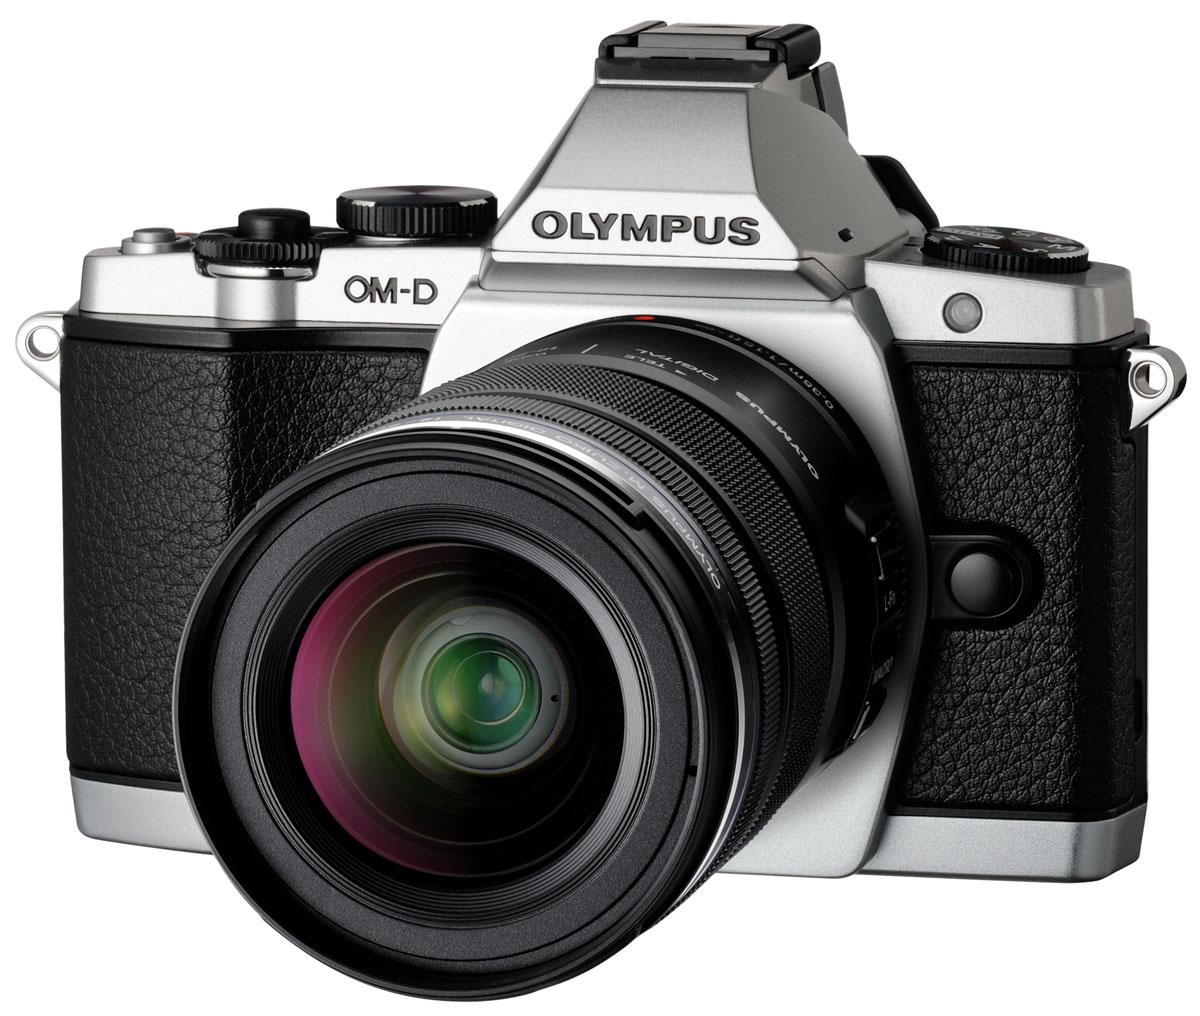 Olympus OM-D E-M5 Kit 12-50, Silver цифровая фотокамераV204045SE000Olympus OM-D E-M5 - уникальный сплав ностальгического дизайна и самых передовых технологий. Безусловно, одним из ключевых преимуществ этой камеры является потрясающий электронный видоискатель. В отличие от оптического видоискателя, он позволяет не только кадрировать снимок, но и контролировать в реальном времени яркость, баланс белого, увеличение и соотношение сторон. Основную работу по обеспечению высочайшего качества снимков выполняют новый 16-мегапиксельный КМОП-сенсор и графический процессор TruePic VI. Именно благодаря им вы получаете потрясающие снимки с высокой детализацией, низким уровнем шума, широким динамическим диапазоном и натуральной цветопередачей. Добавьте сюда самый быстрый в мире автофокус и вы получите камеру, которая делает получение отличных снимков простым как никогда. Если вы ищете камеру с быстрым автофокусом, то ваши поиски окончены. Е-М5 фокусируется быстрее любой камеры со сменным объективом, включая зеркальные. Если этого вам не ...